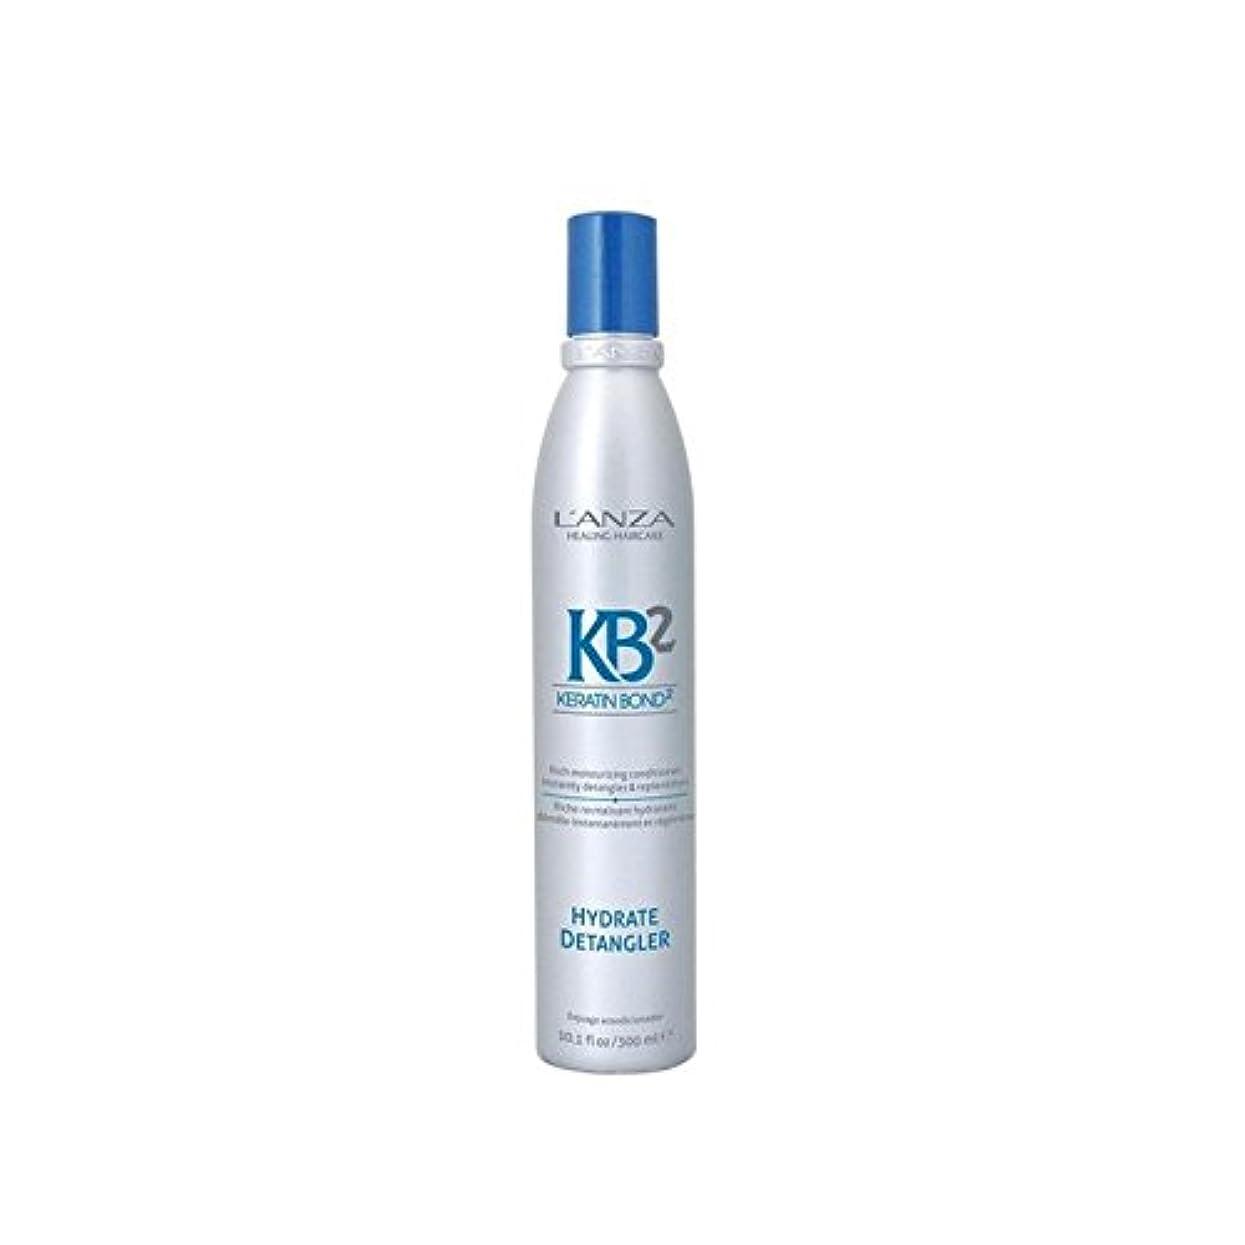 印象的ささいな配偶者アンザ2和物(300ミリリットル) x4 - L'Anza Kb2 Hydrate Detangler (300ml) (Pack of 4) [並行輸入品]